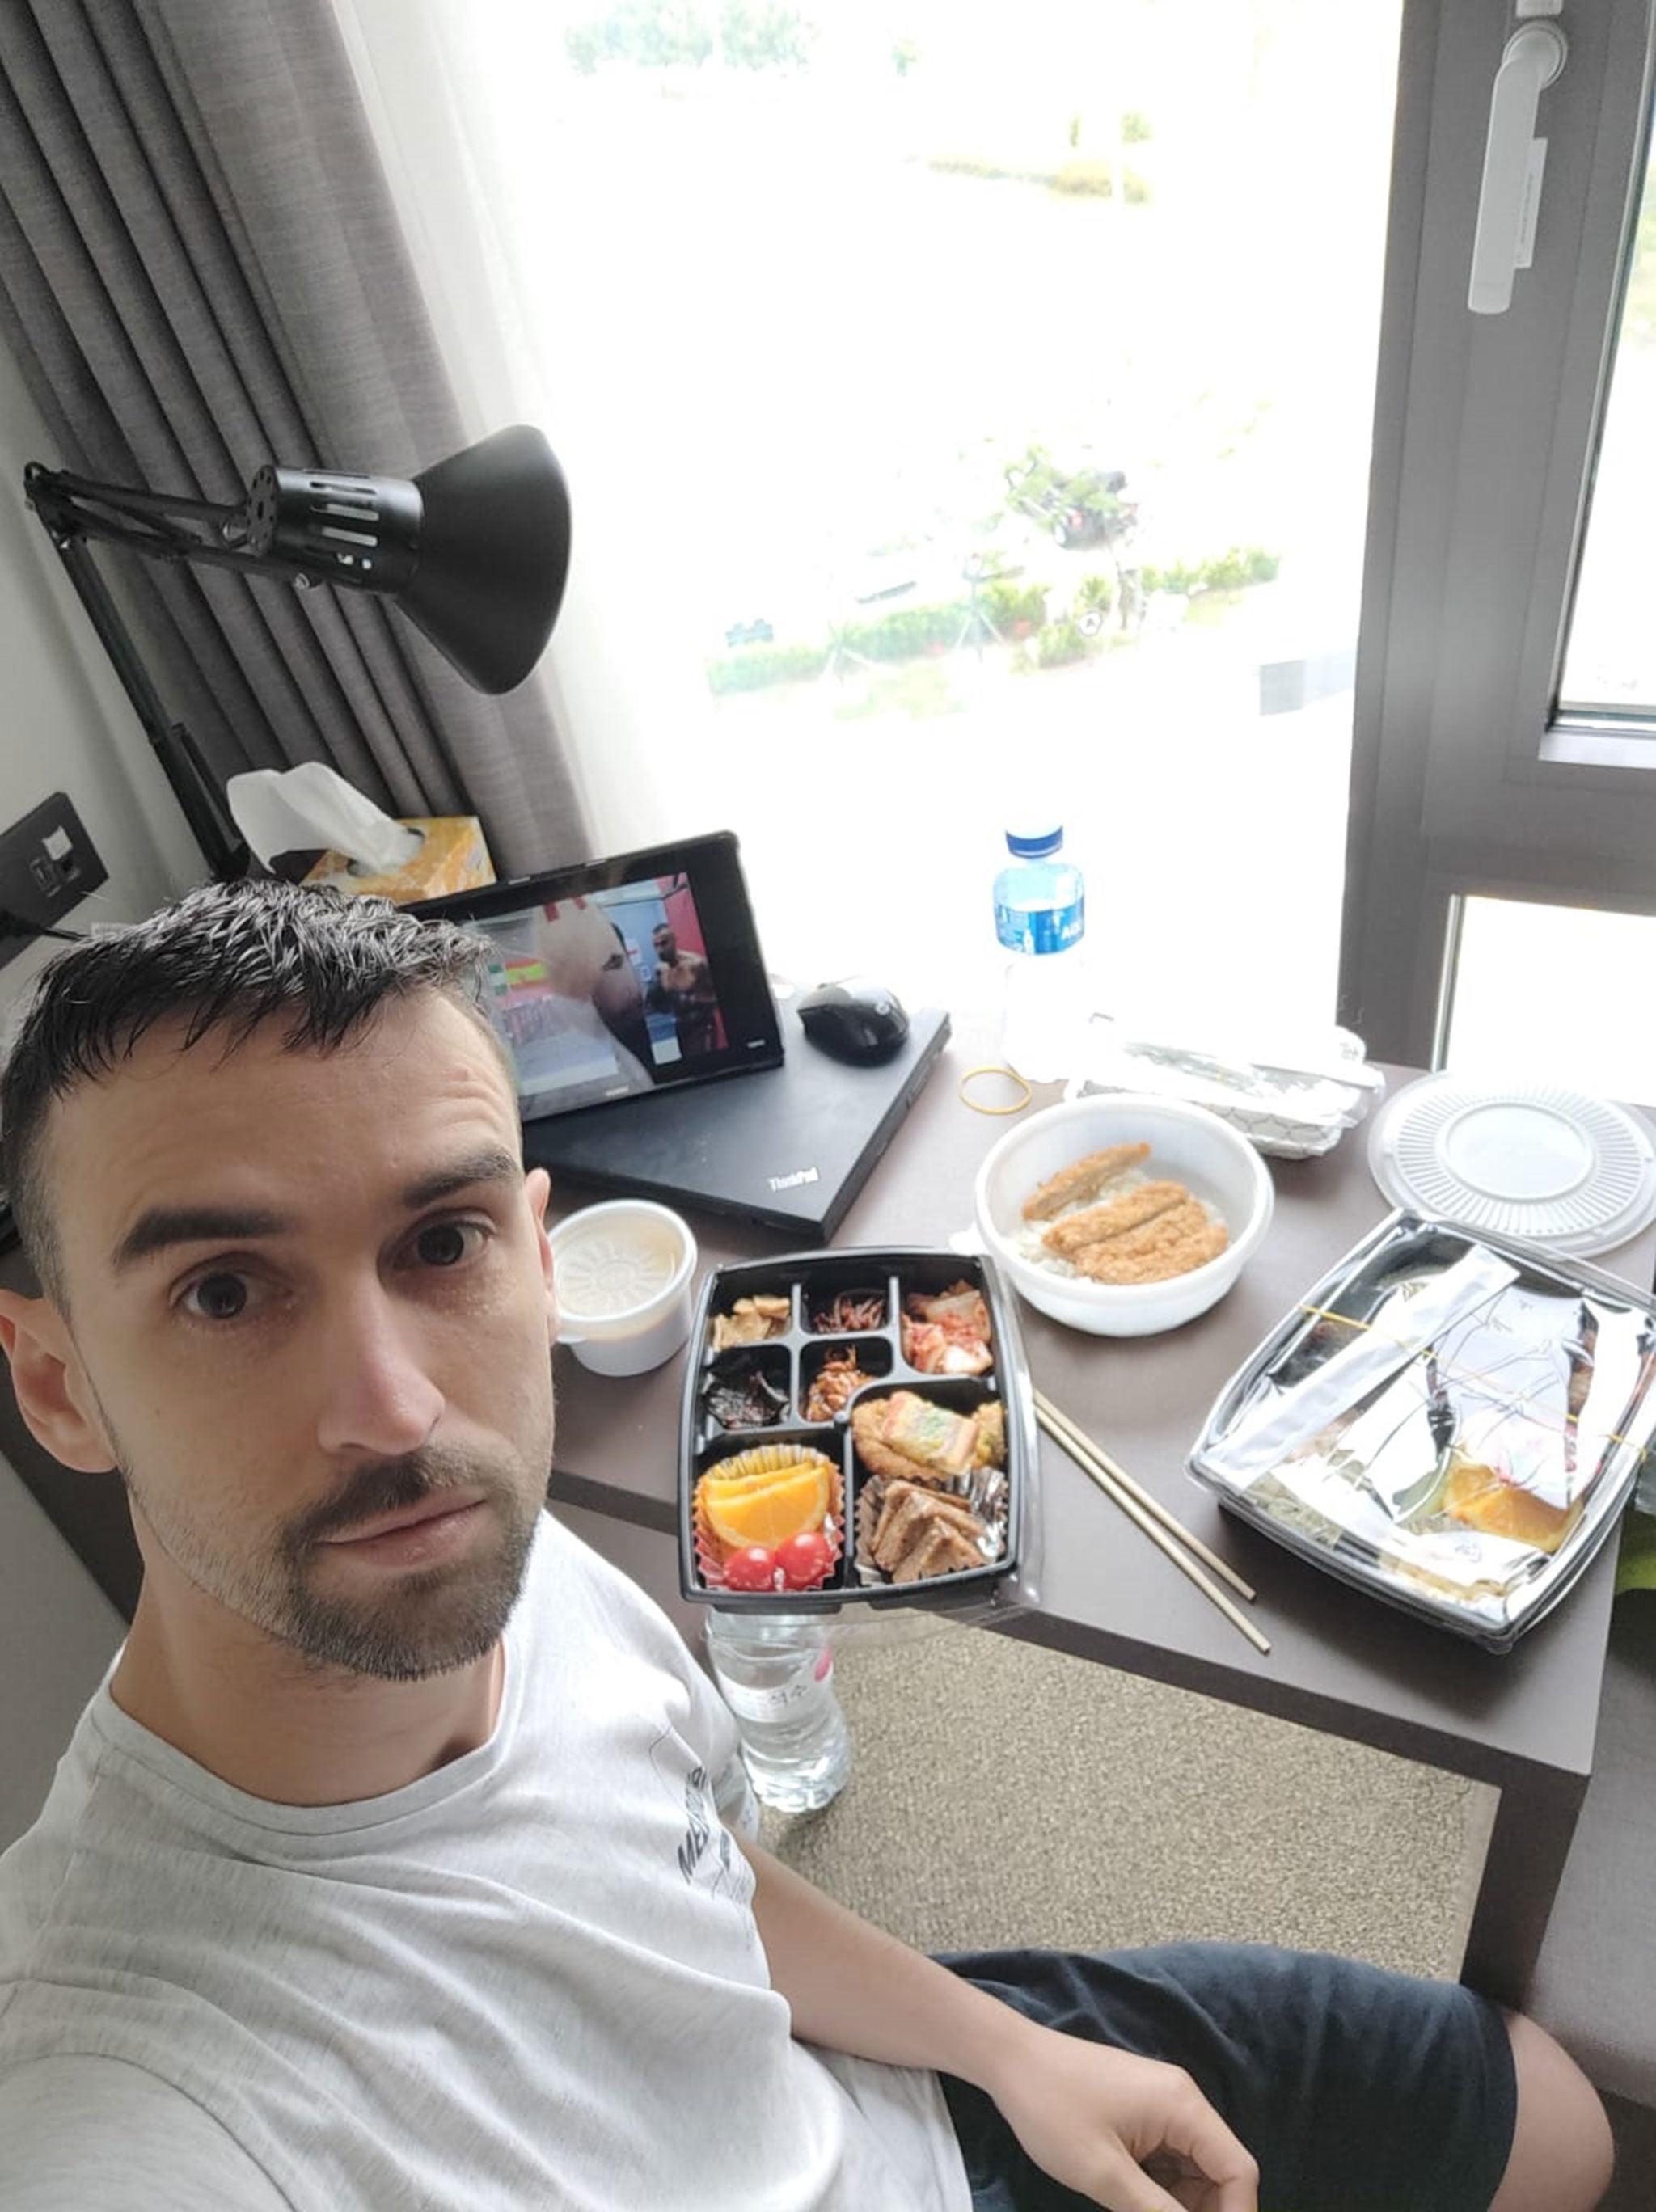 David Costa confinado en un hotel de Seúl, la capital de Corea del Sur